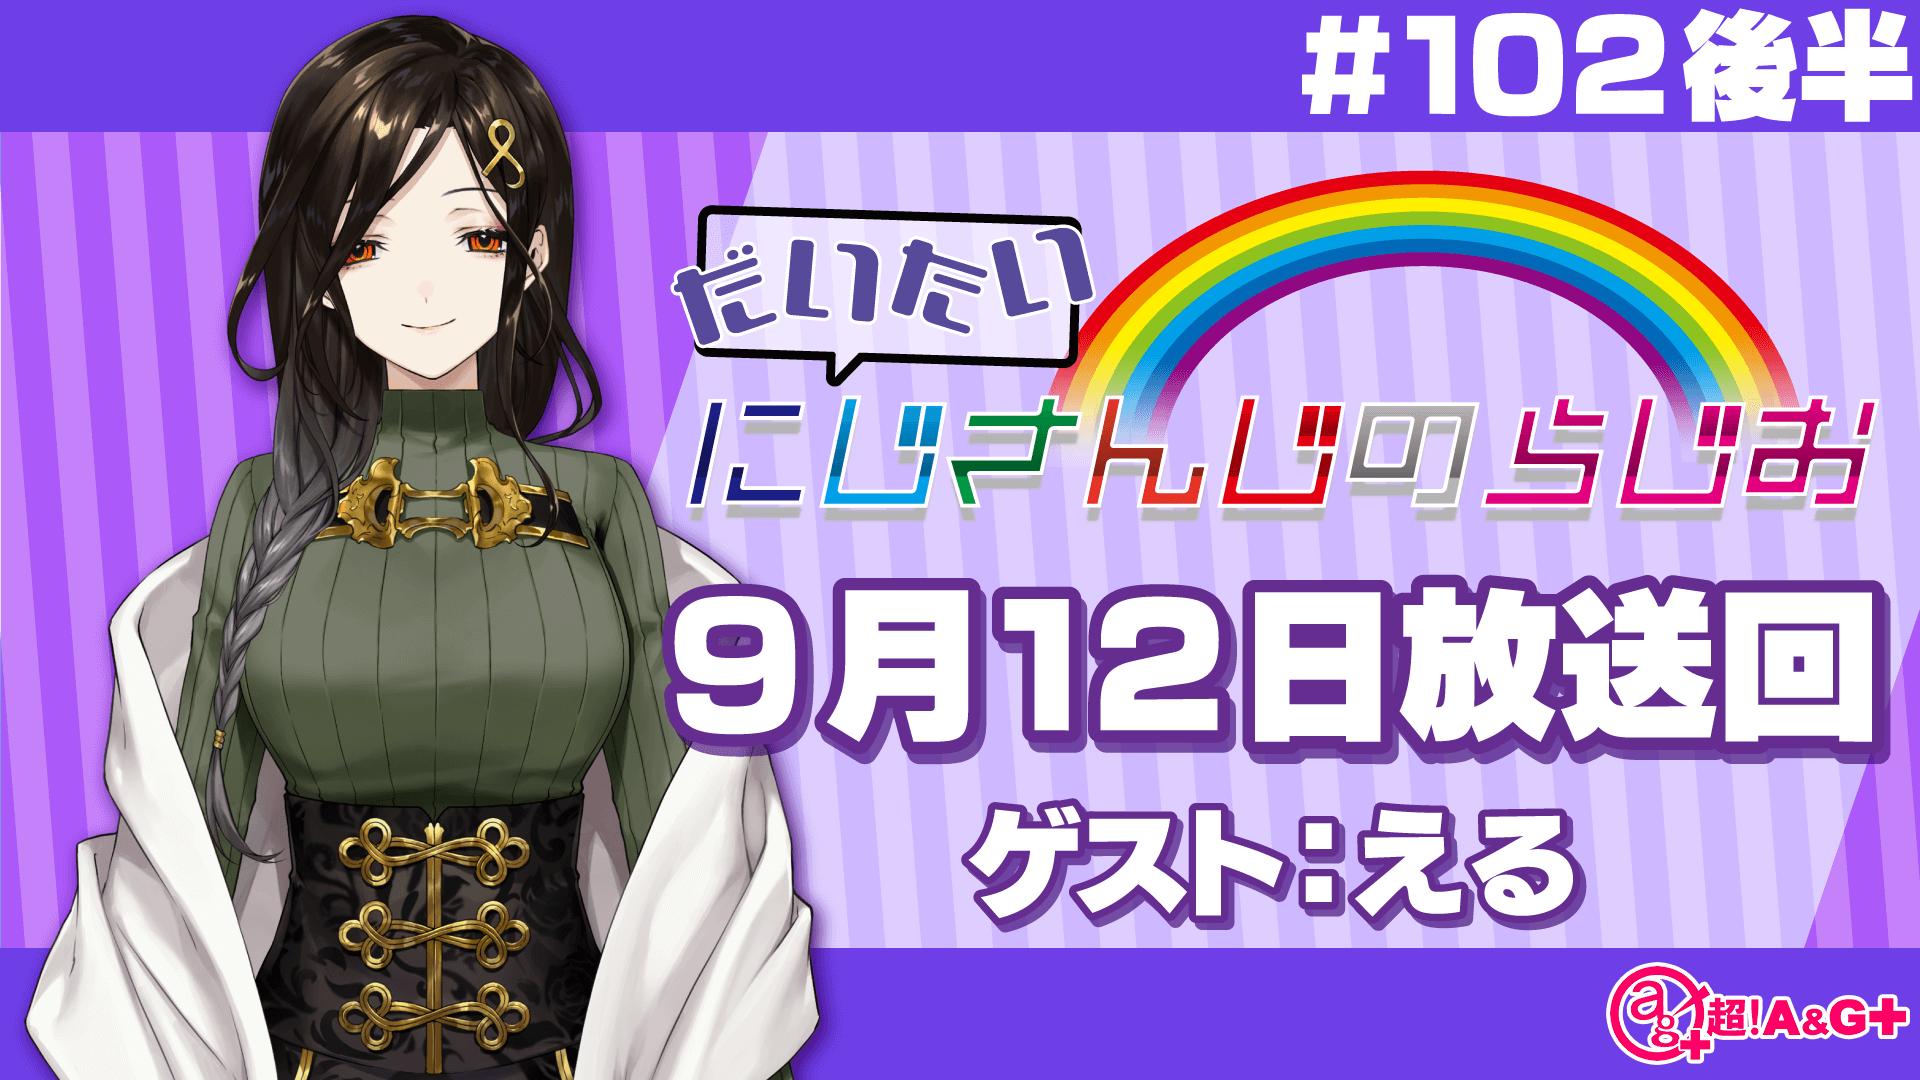 #102 後半『だいたいにじさんじのらじお』(2021年9月12日放送分)